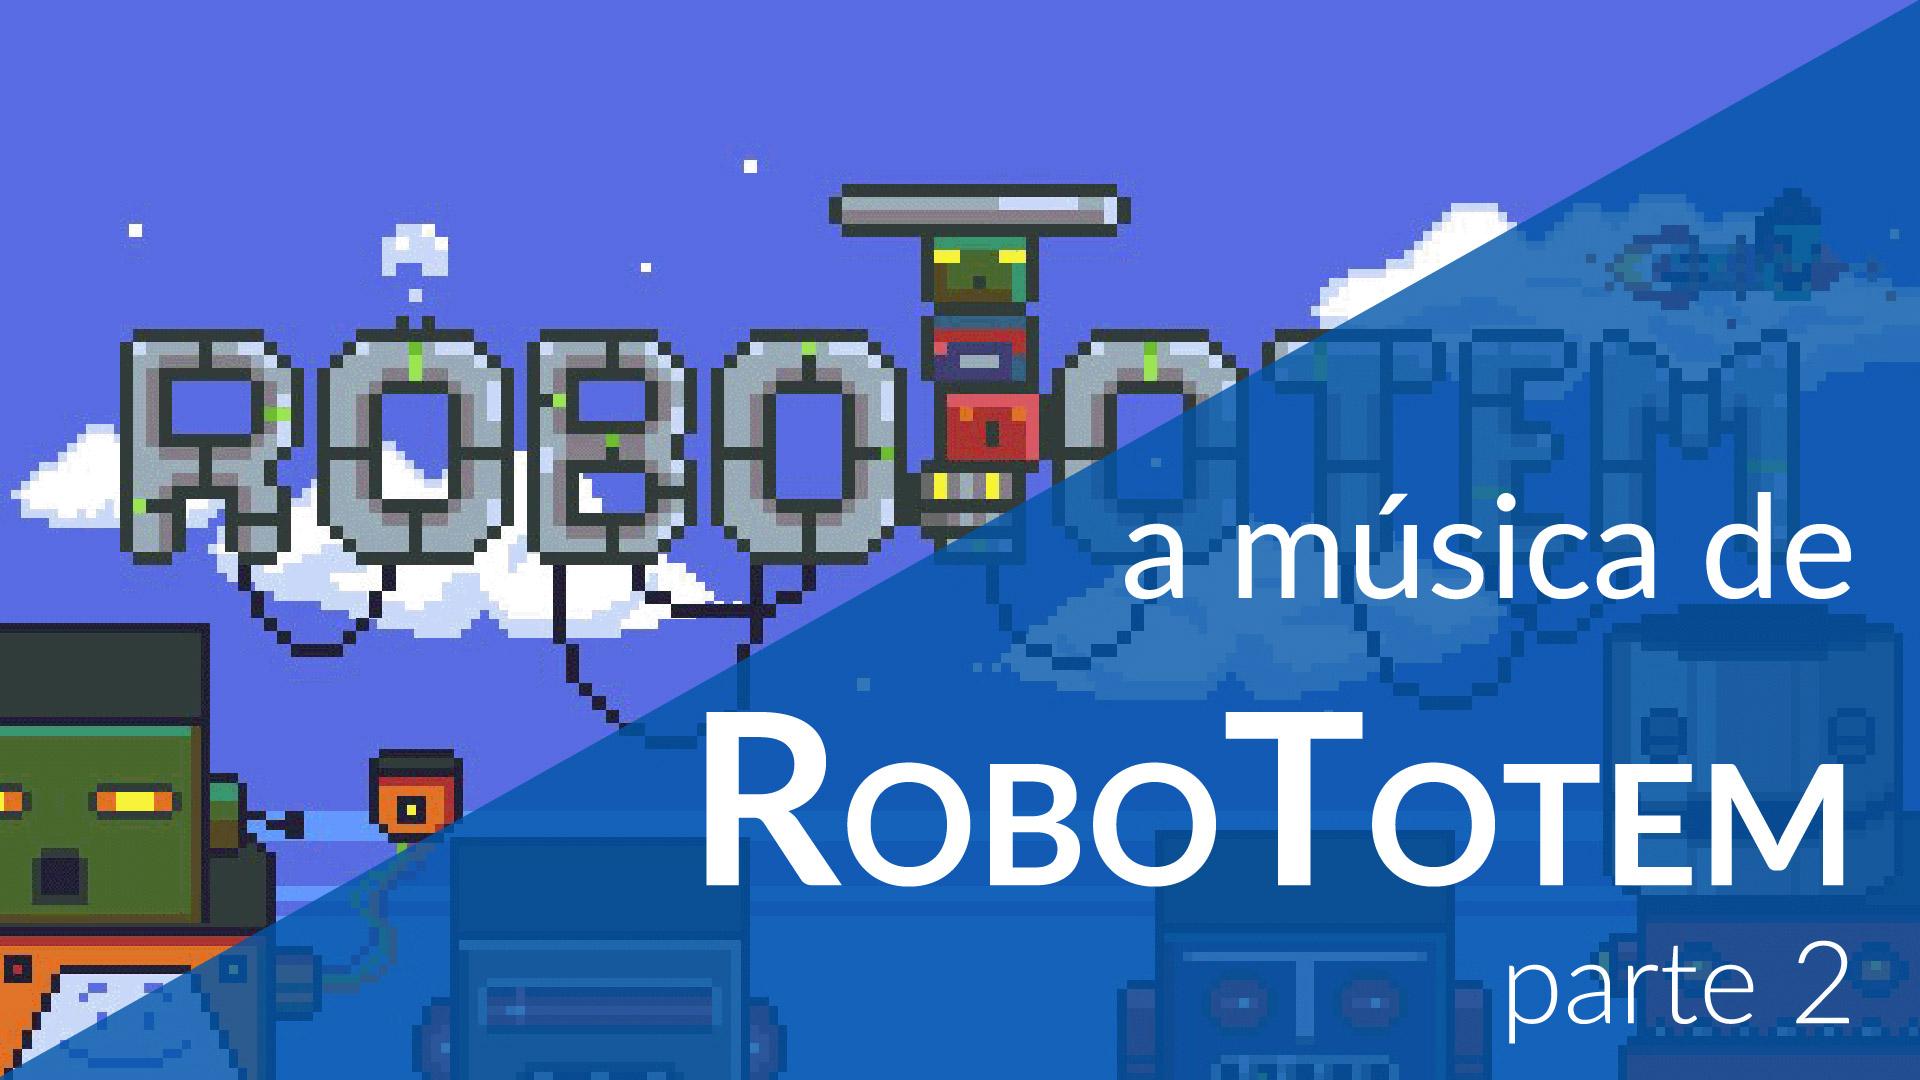 RoboTotem parte 2